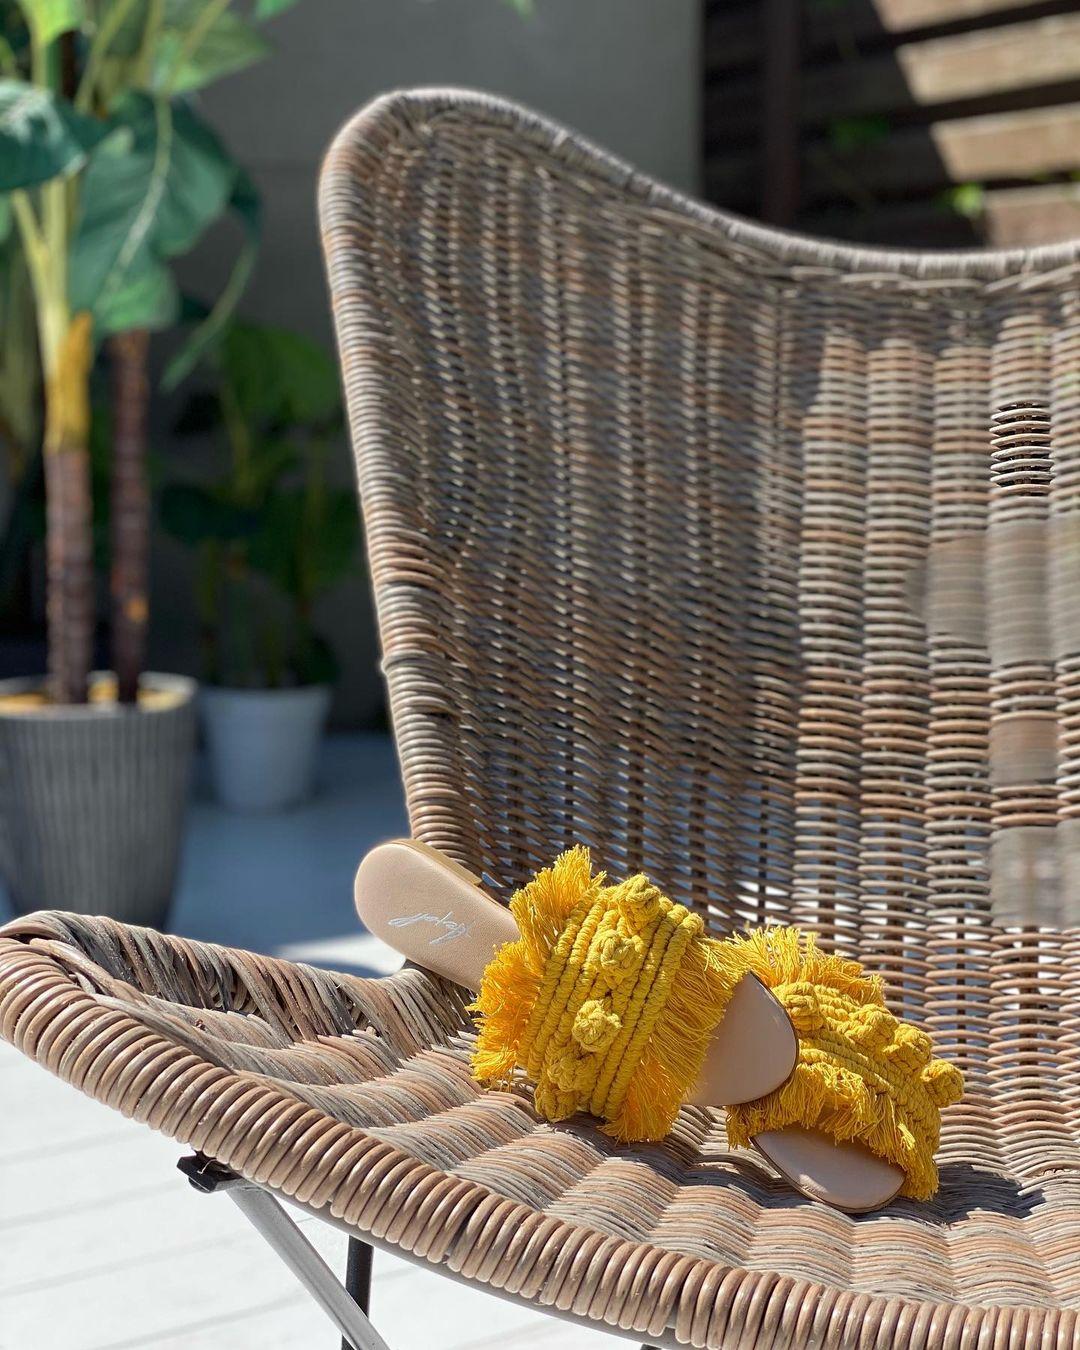 модная обувь лето 2021 на низком ходу плоская подошва без каблука женская веревочные плетеные макраме желтые шлепанцы